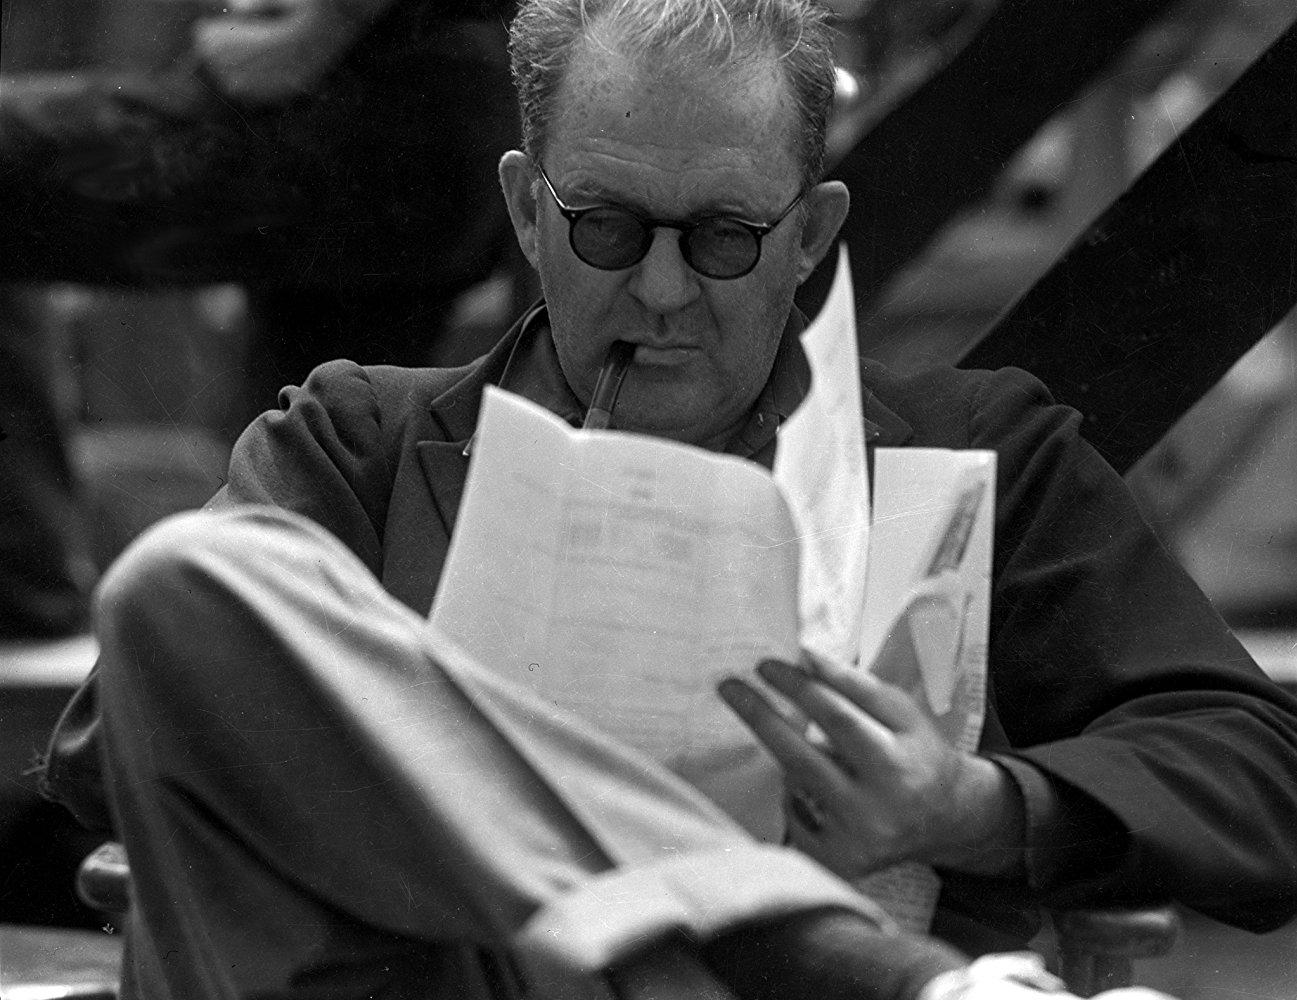 Reżyser John Ford siedzący z fajką i czytający scenariusz